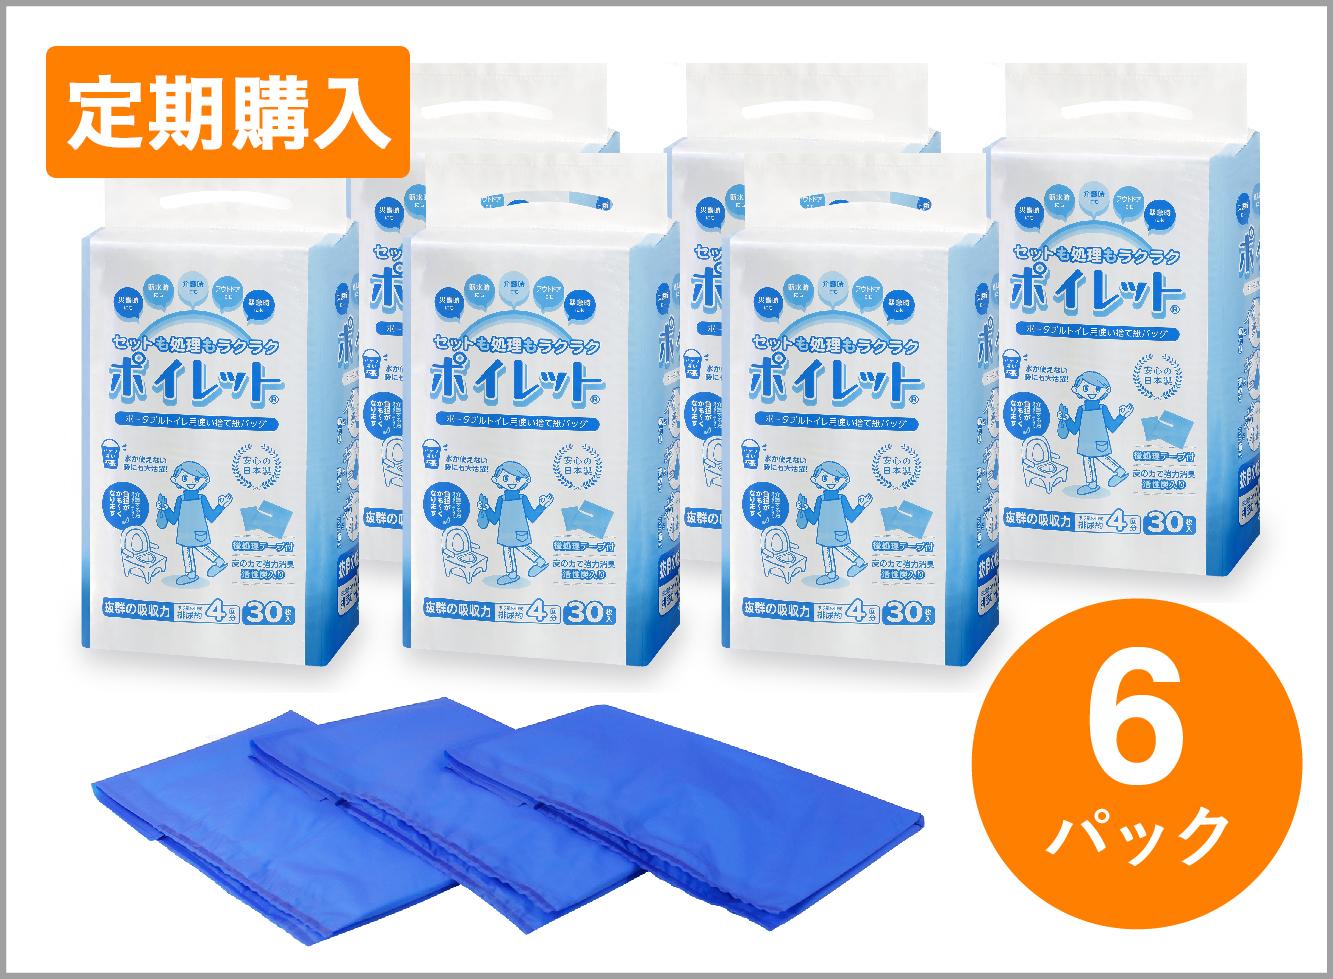 定期便【180枚セット】ポイレット30枚入×6パック (1枚あたり104円)(送料無料)